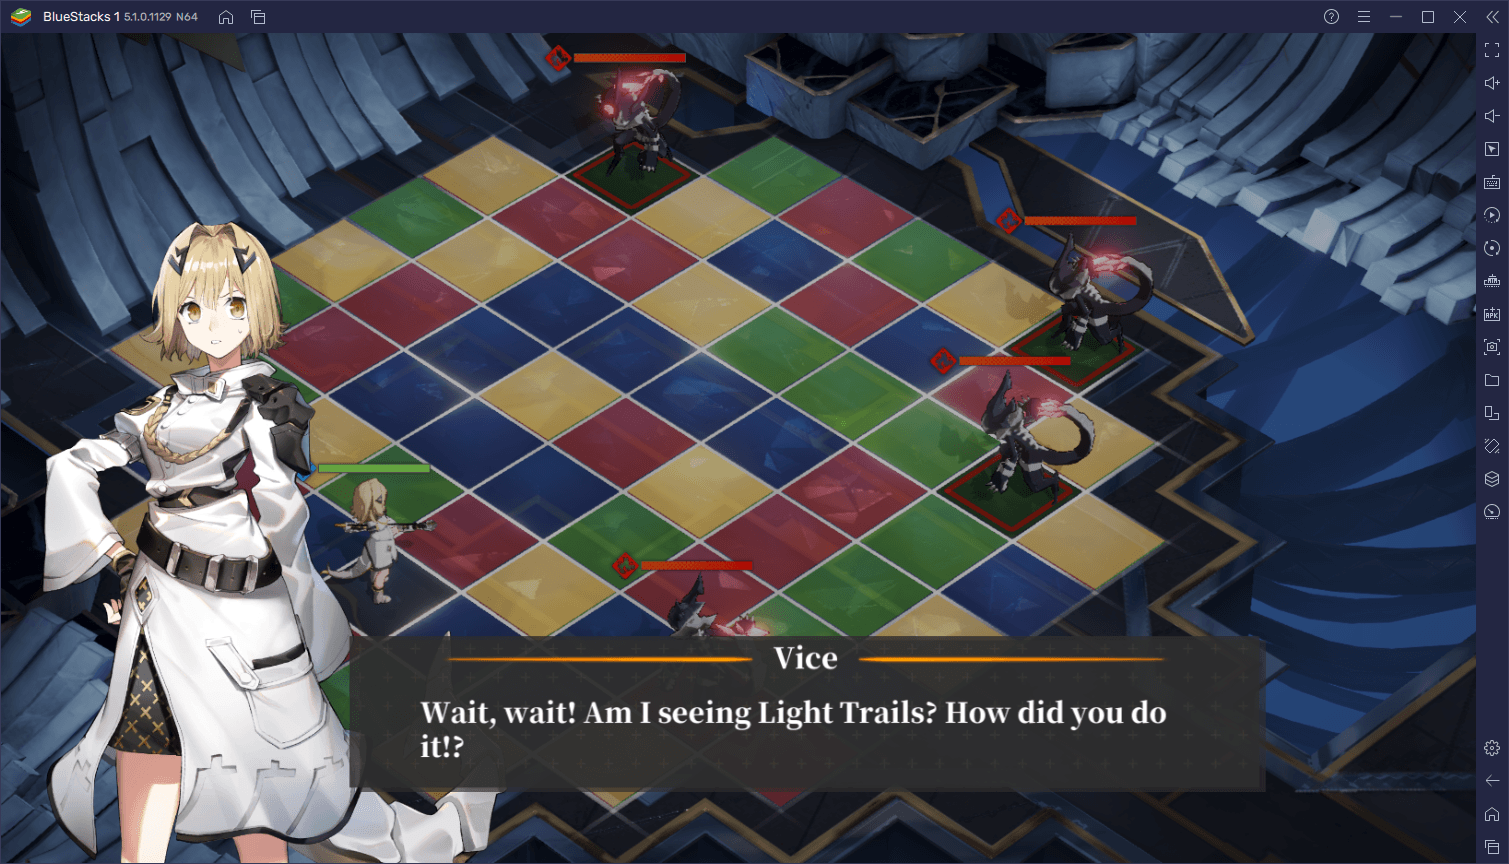 كيف تلعب لعبة Alchemy Stars على جهاز الكمبيوتر باستخدام  محاكي BlueStacks